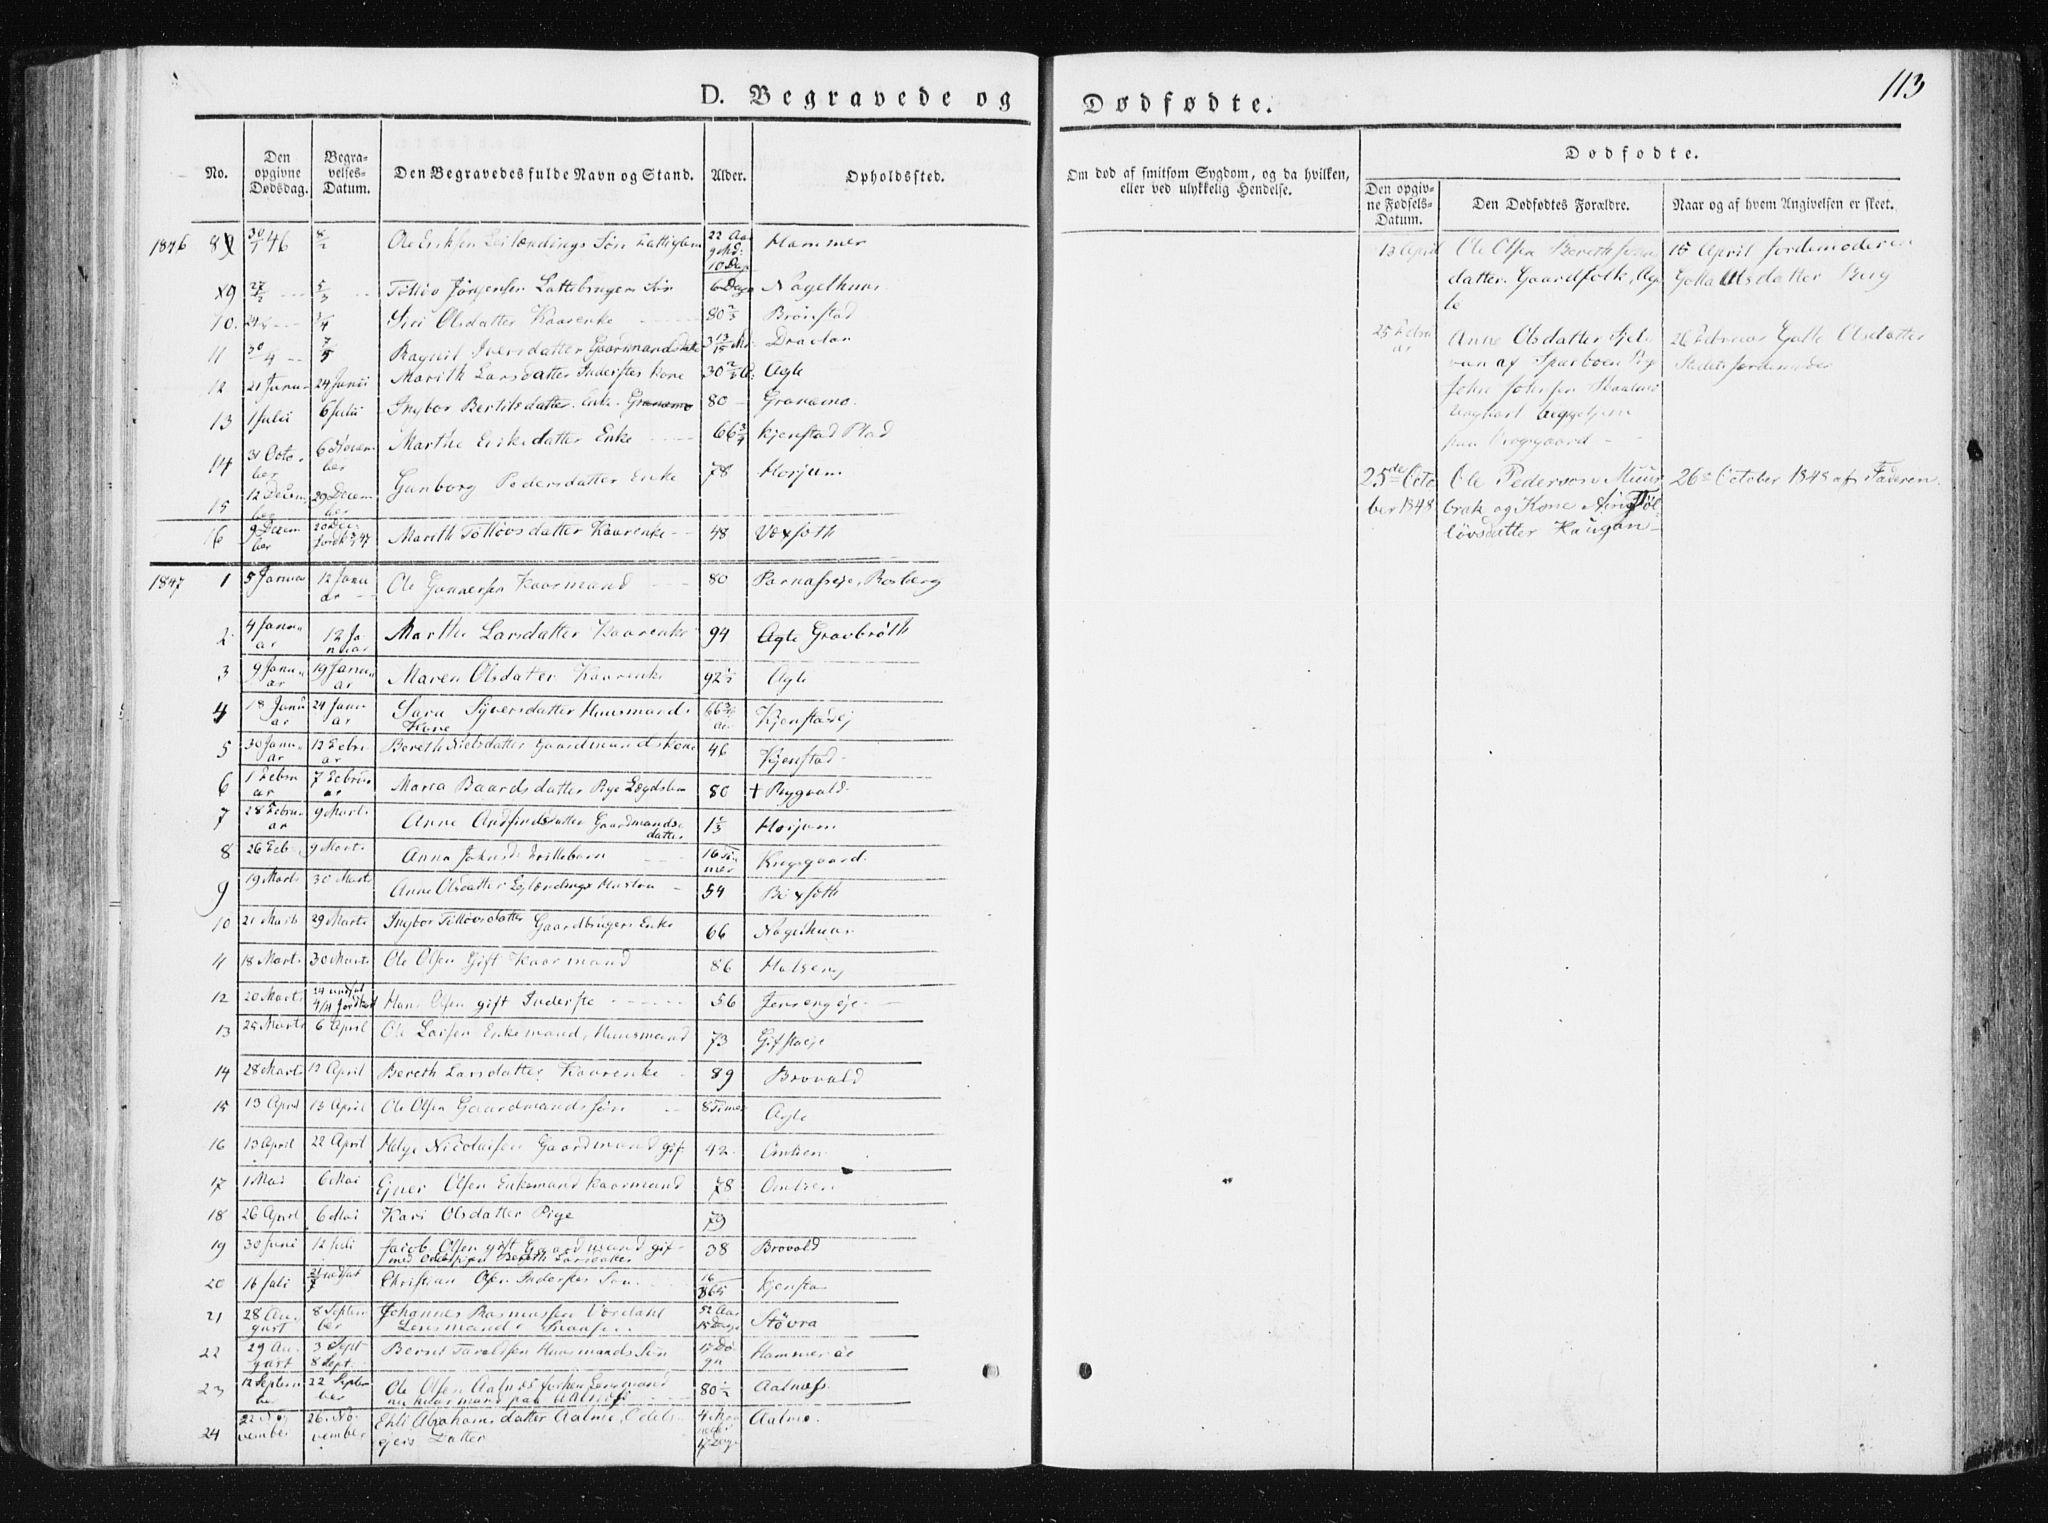 SAT, Ministerialprotokoller, klokkerbøker og fødselsregistre - Nord-Trøndelag, 749/L0470: Ministerialbok nr. 749A04, 1834-1853, s. 113